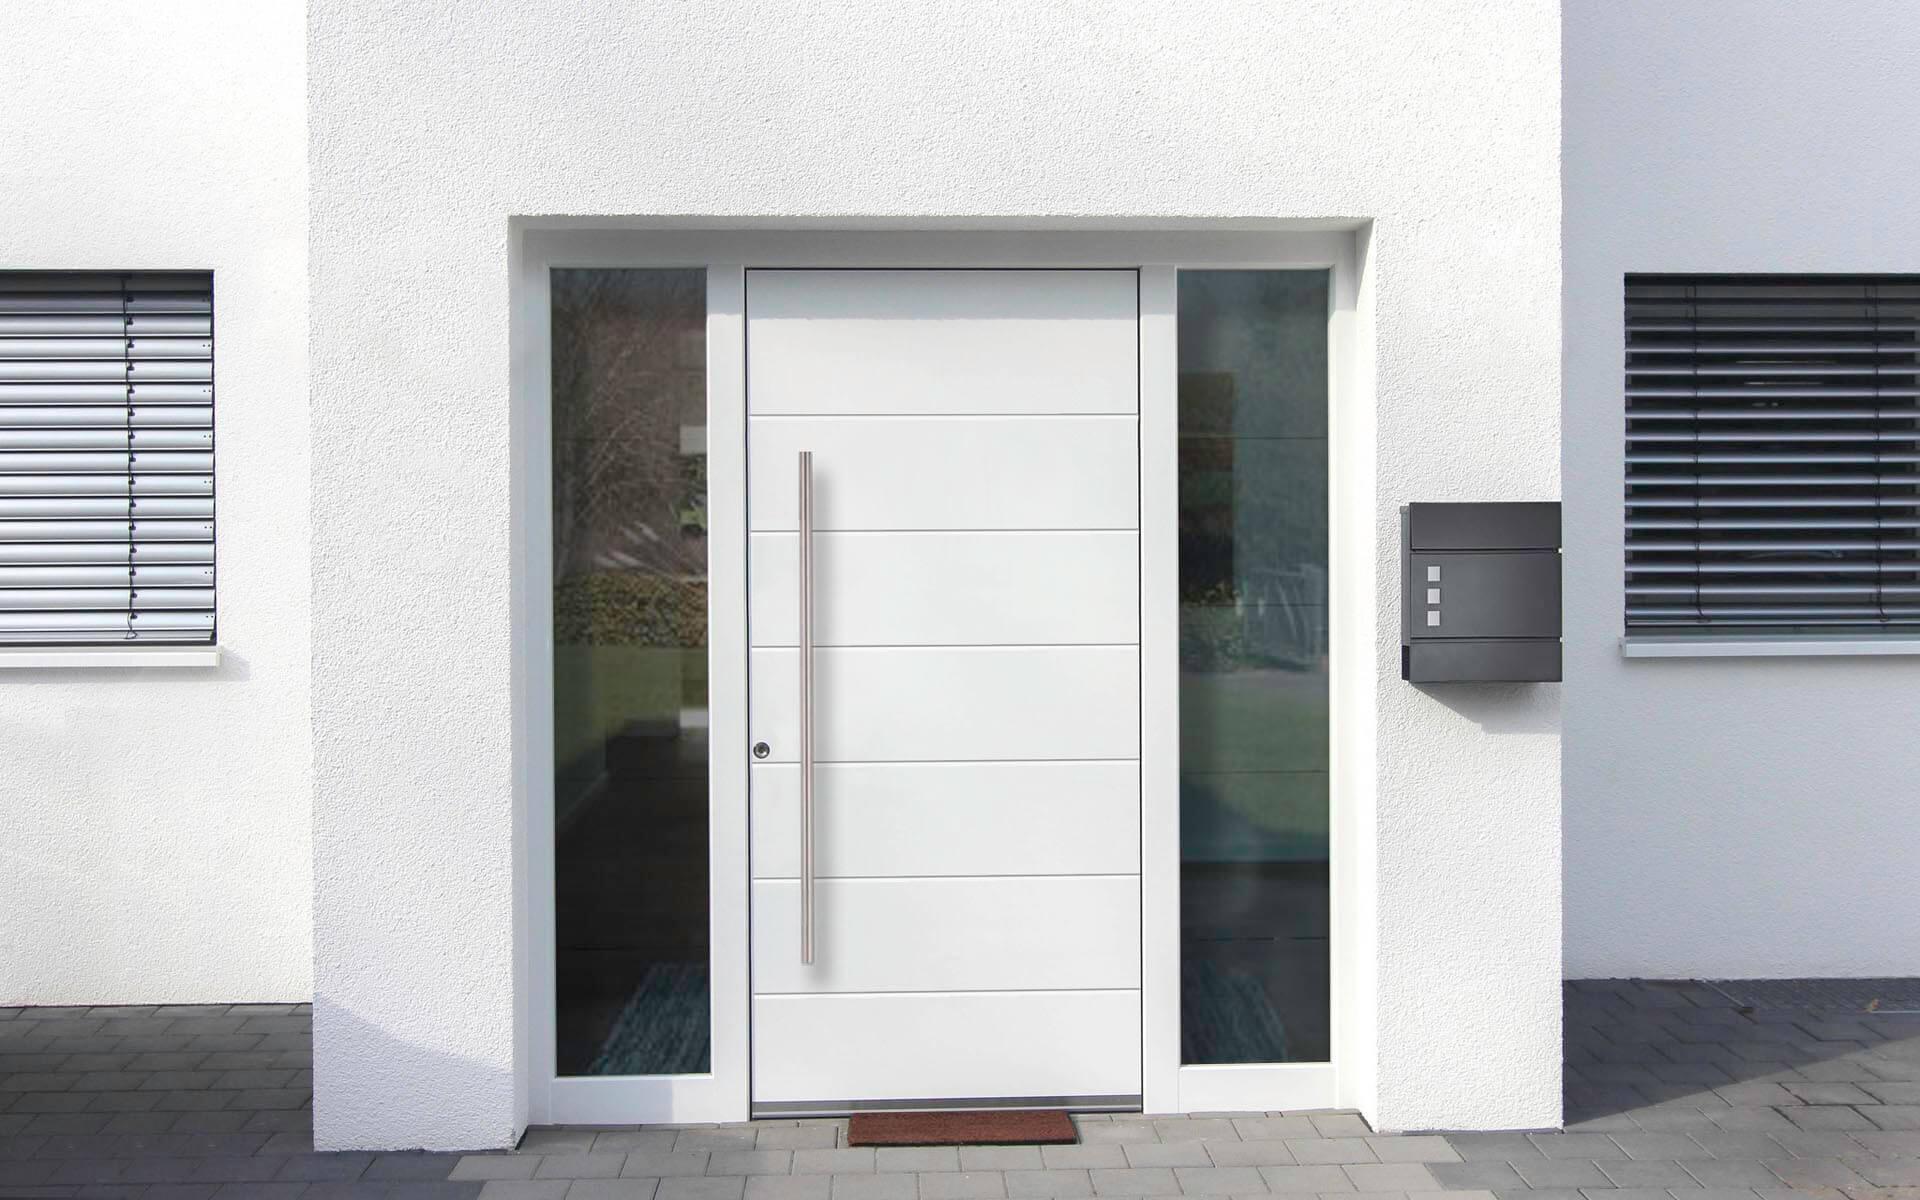 Hliníkové vchodové dvere do domu so svetlíkom v bielej farbe RAL 9016